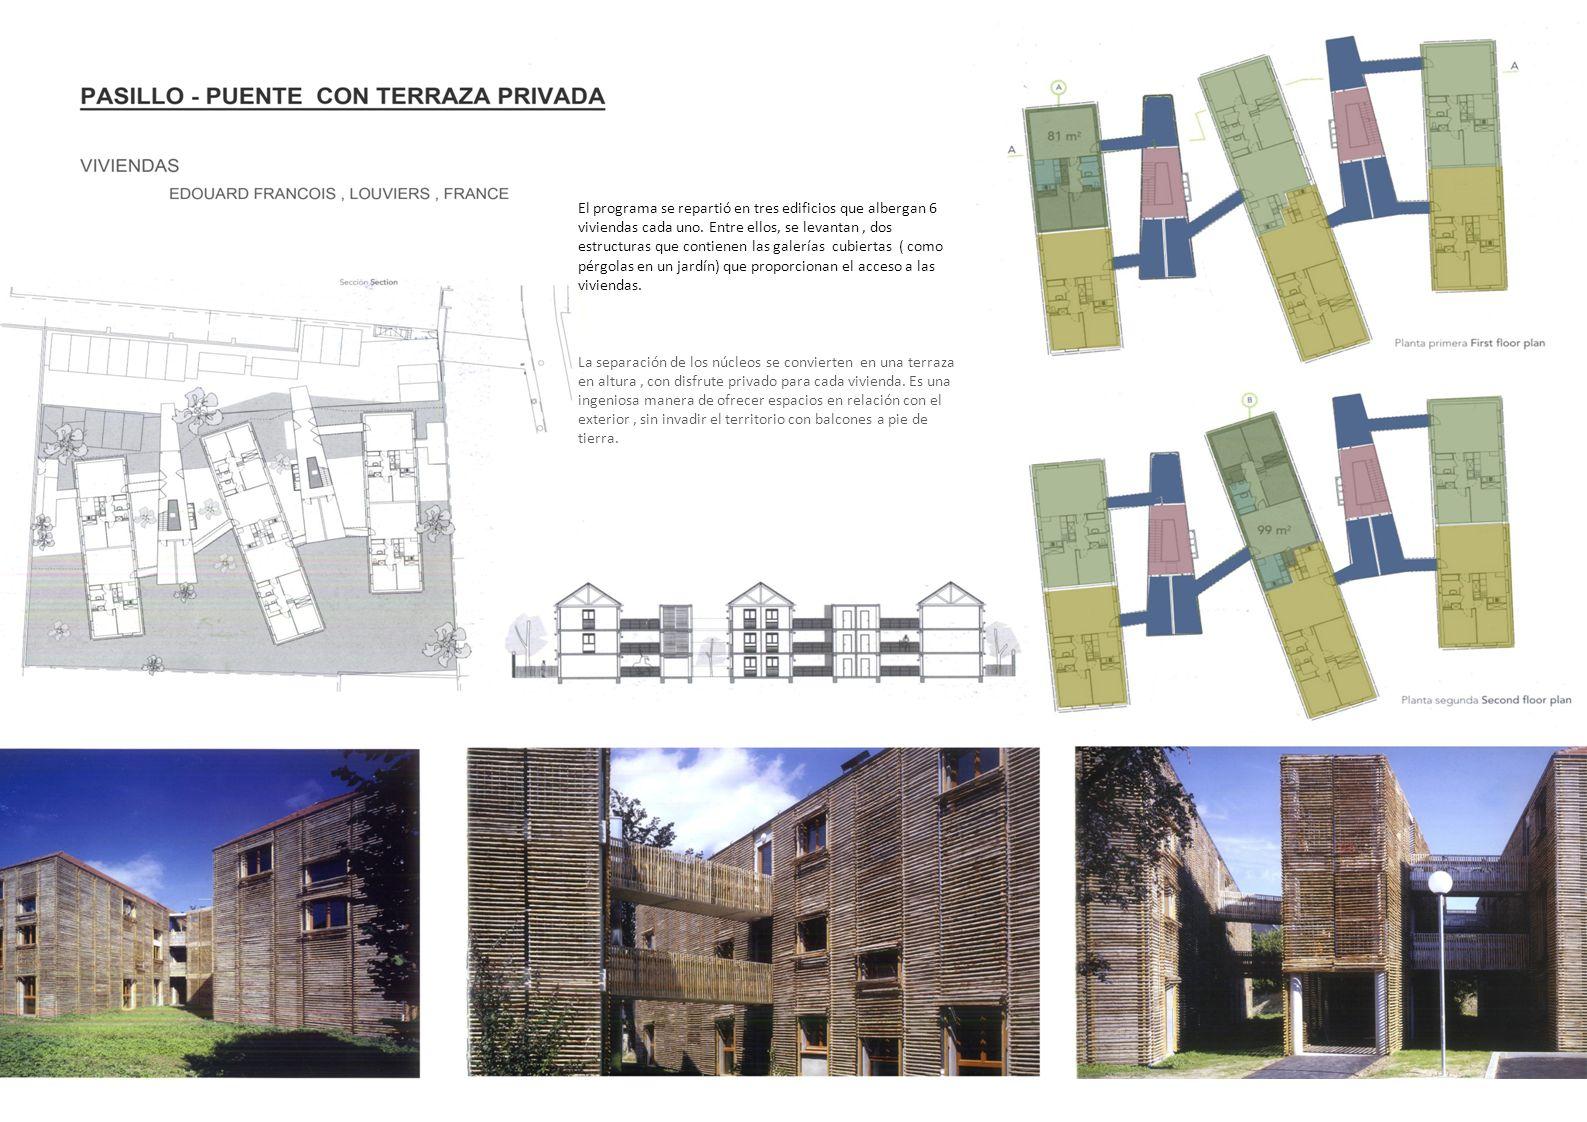 El programa se repartió en tres edificios que albergan 6 viviendas cada uno. Entre ellos, se levantan , dos estructuras que contienen las galerías cubiertas ( como pérgolas en un jardín) que proporcionan el acceso a las viviendas.